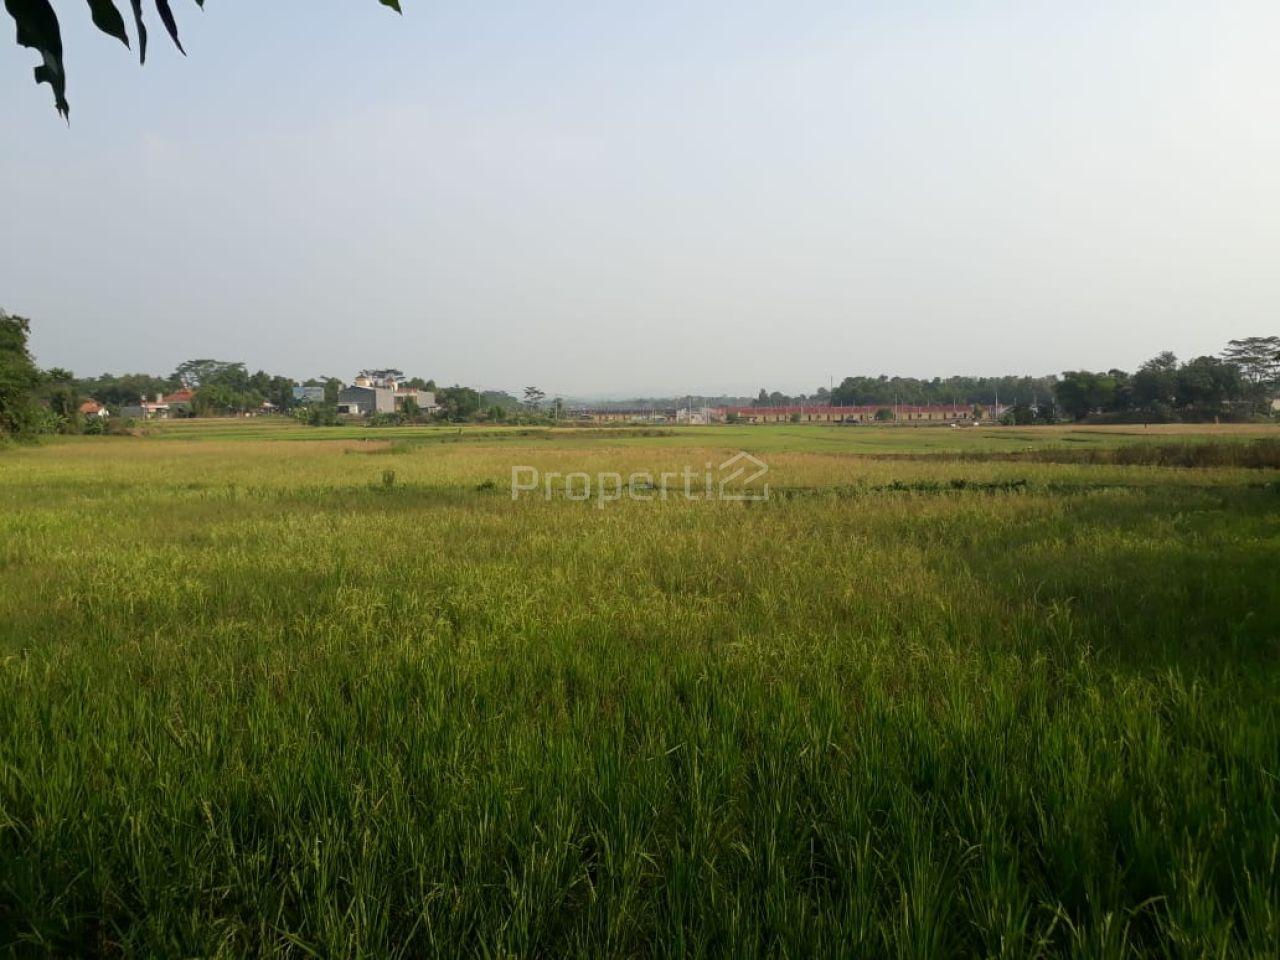 Land for Housing 1.5 Ha in Bekasi, Jawa Barat